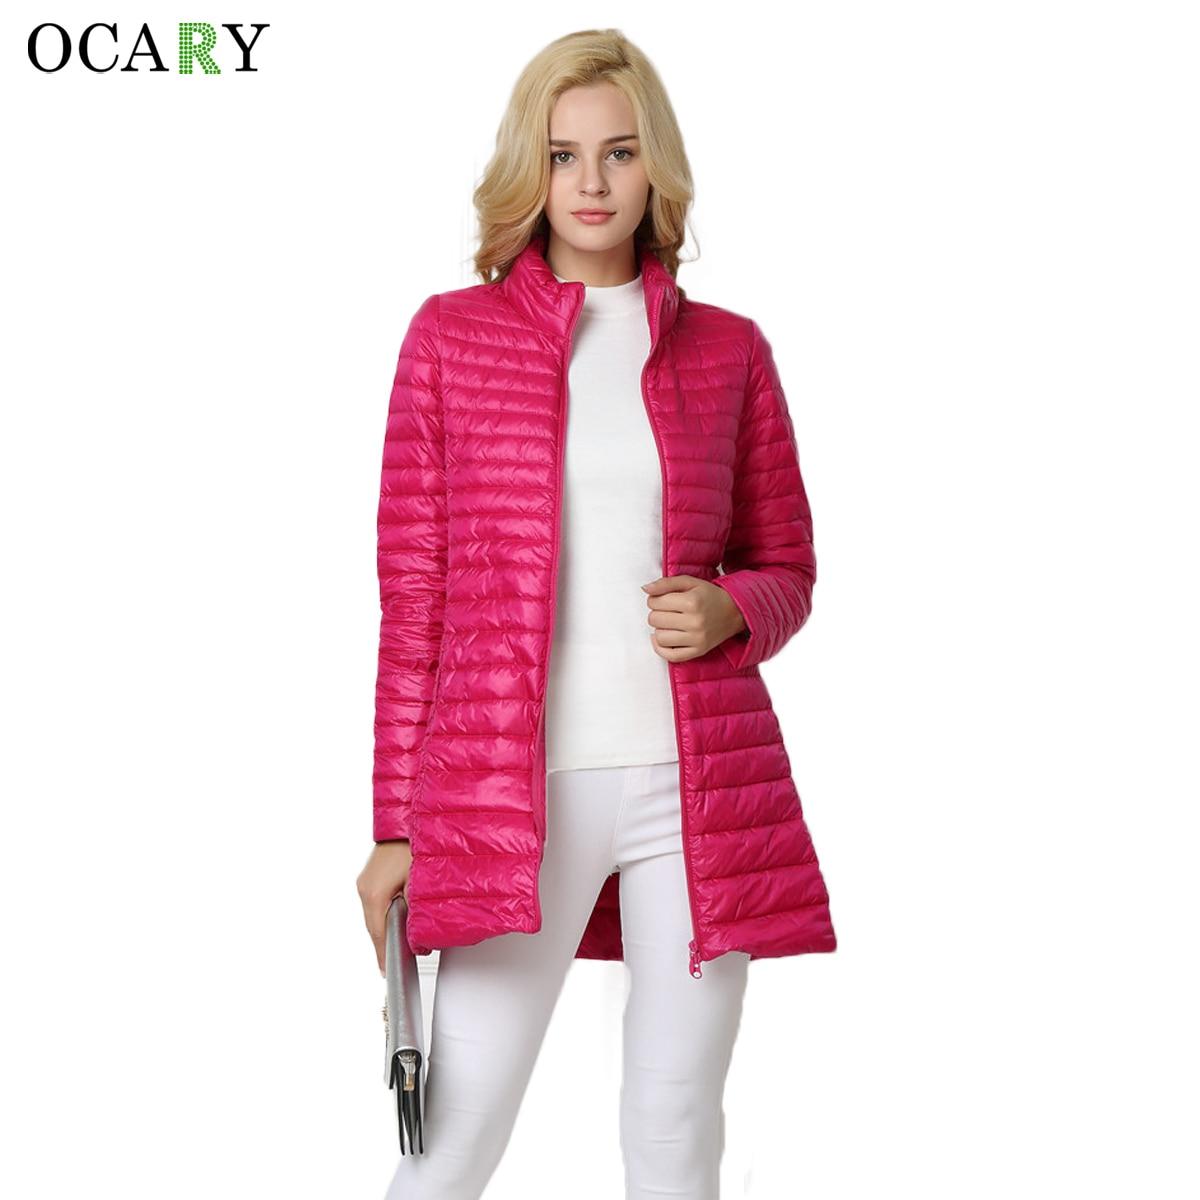 OCARY Kadın Çizgili Kış Uzun Mont ve Ceketler Kız Beyaz ördek Aşağı Sıcak Parkas Kalın Ceketler Gül Coat XXXL Artı boyutu